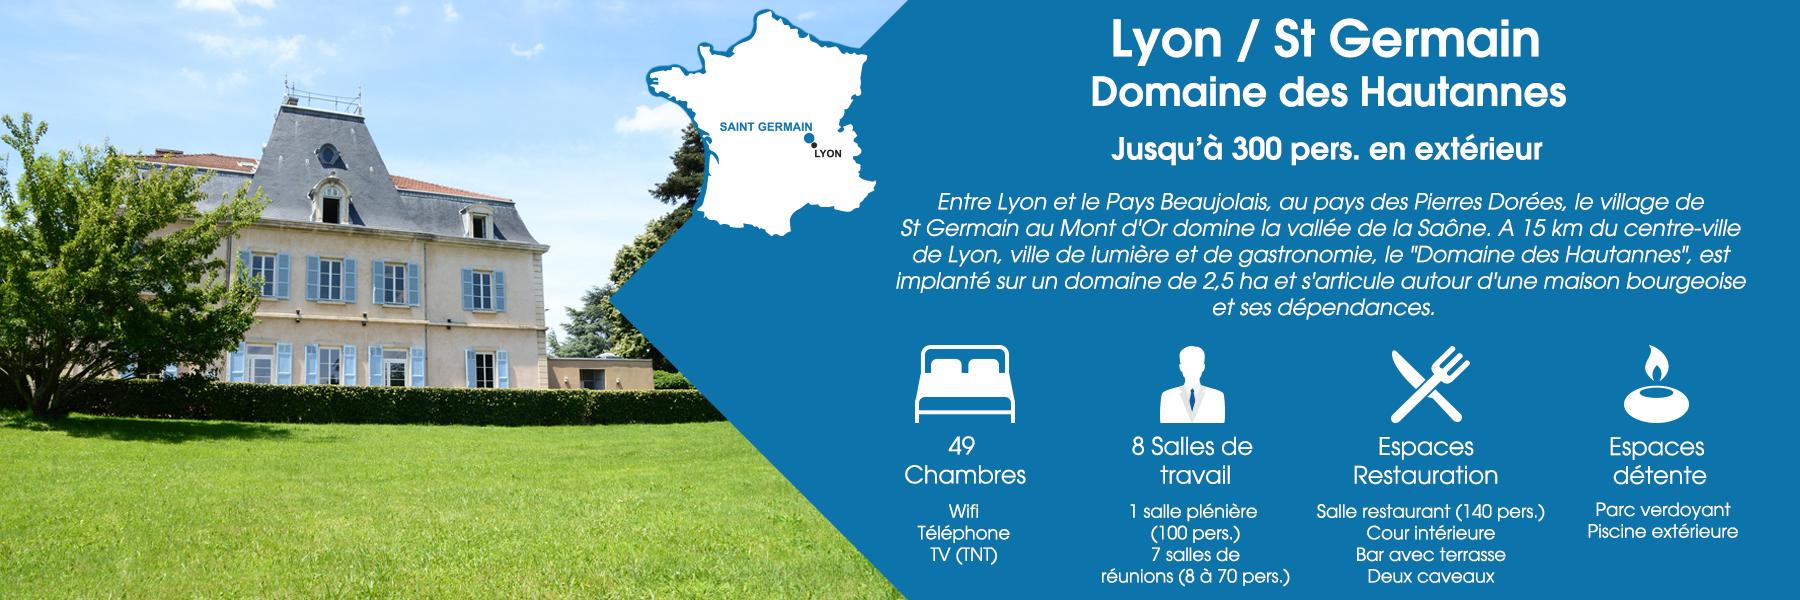 """Le Domaine des Hautannes à Saint Germain, à proximité de Lyon, peut accueillir jusqu'à 300 personnes en extérieur. Entre Lyon et le Pays Beaujolais, au pays des Pierres Dorées, le village de St Germain au Mont d'Or domine la vallée de la Saône. A 15 km du centre-ville de Lyon, ville de lumière et de gastronomie, le """"Domaine des Hautannes"""", est implanté sur un domaine de 2,5 ha et s'articule autour d'une maison bourgeoise et ses dépendances. Ce domaine est composé de 49 chambres (avec Wifi, téléphone et TV TNT), de 8 salles de travail (dont une salle plénière pour 100 personnes et 7 salles de réunions pour 8 à 70 personnes), d'espaces de restauration (une salle de restaurant pour 140 personnes, une cour intérieure, un bar avec terrasse et deux caveaux) et d'espaces de détente (un parc verdoyant et une piscine extérieure)."""